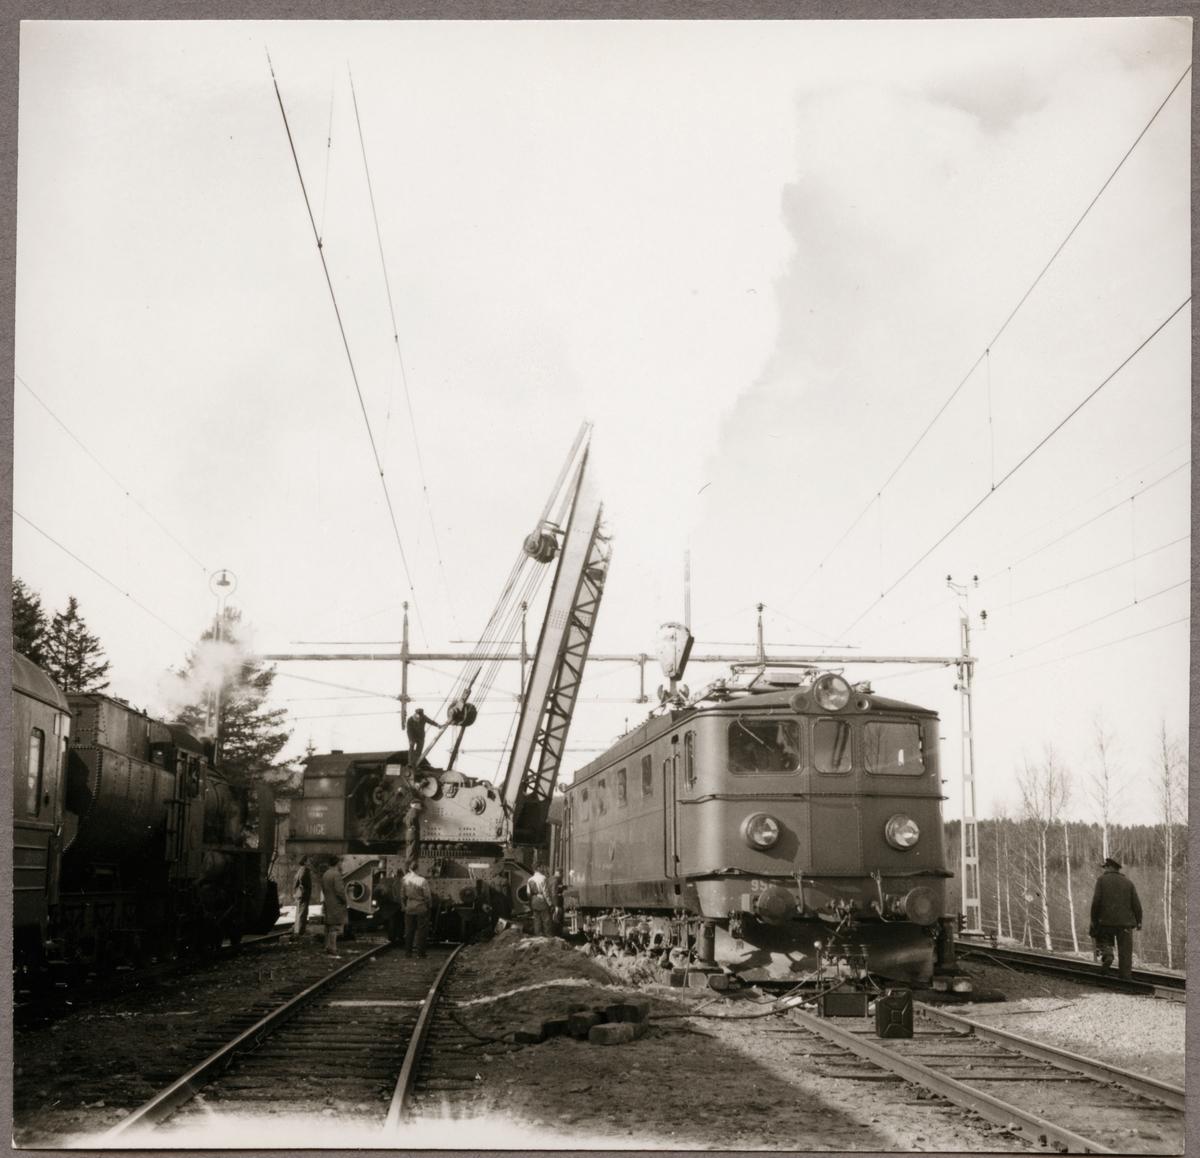 """Statens Järnvägar, SJ Ma 958 hjälps av ångkran SJ A2 """"Ånge"""" upp på spåret efter urspårning i Simeå mars 1961."""